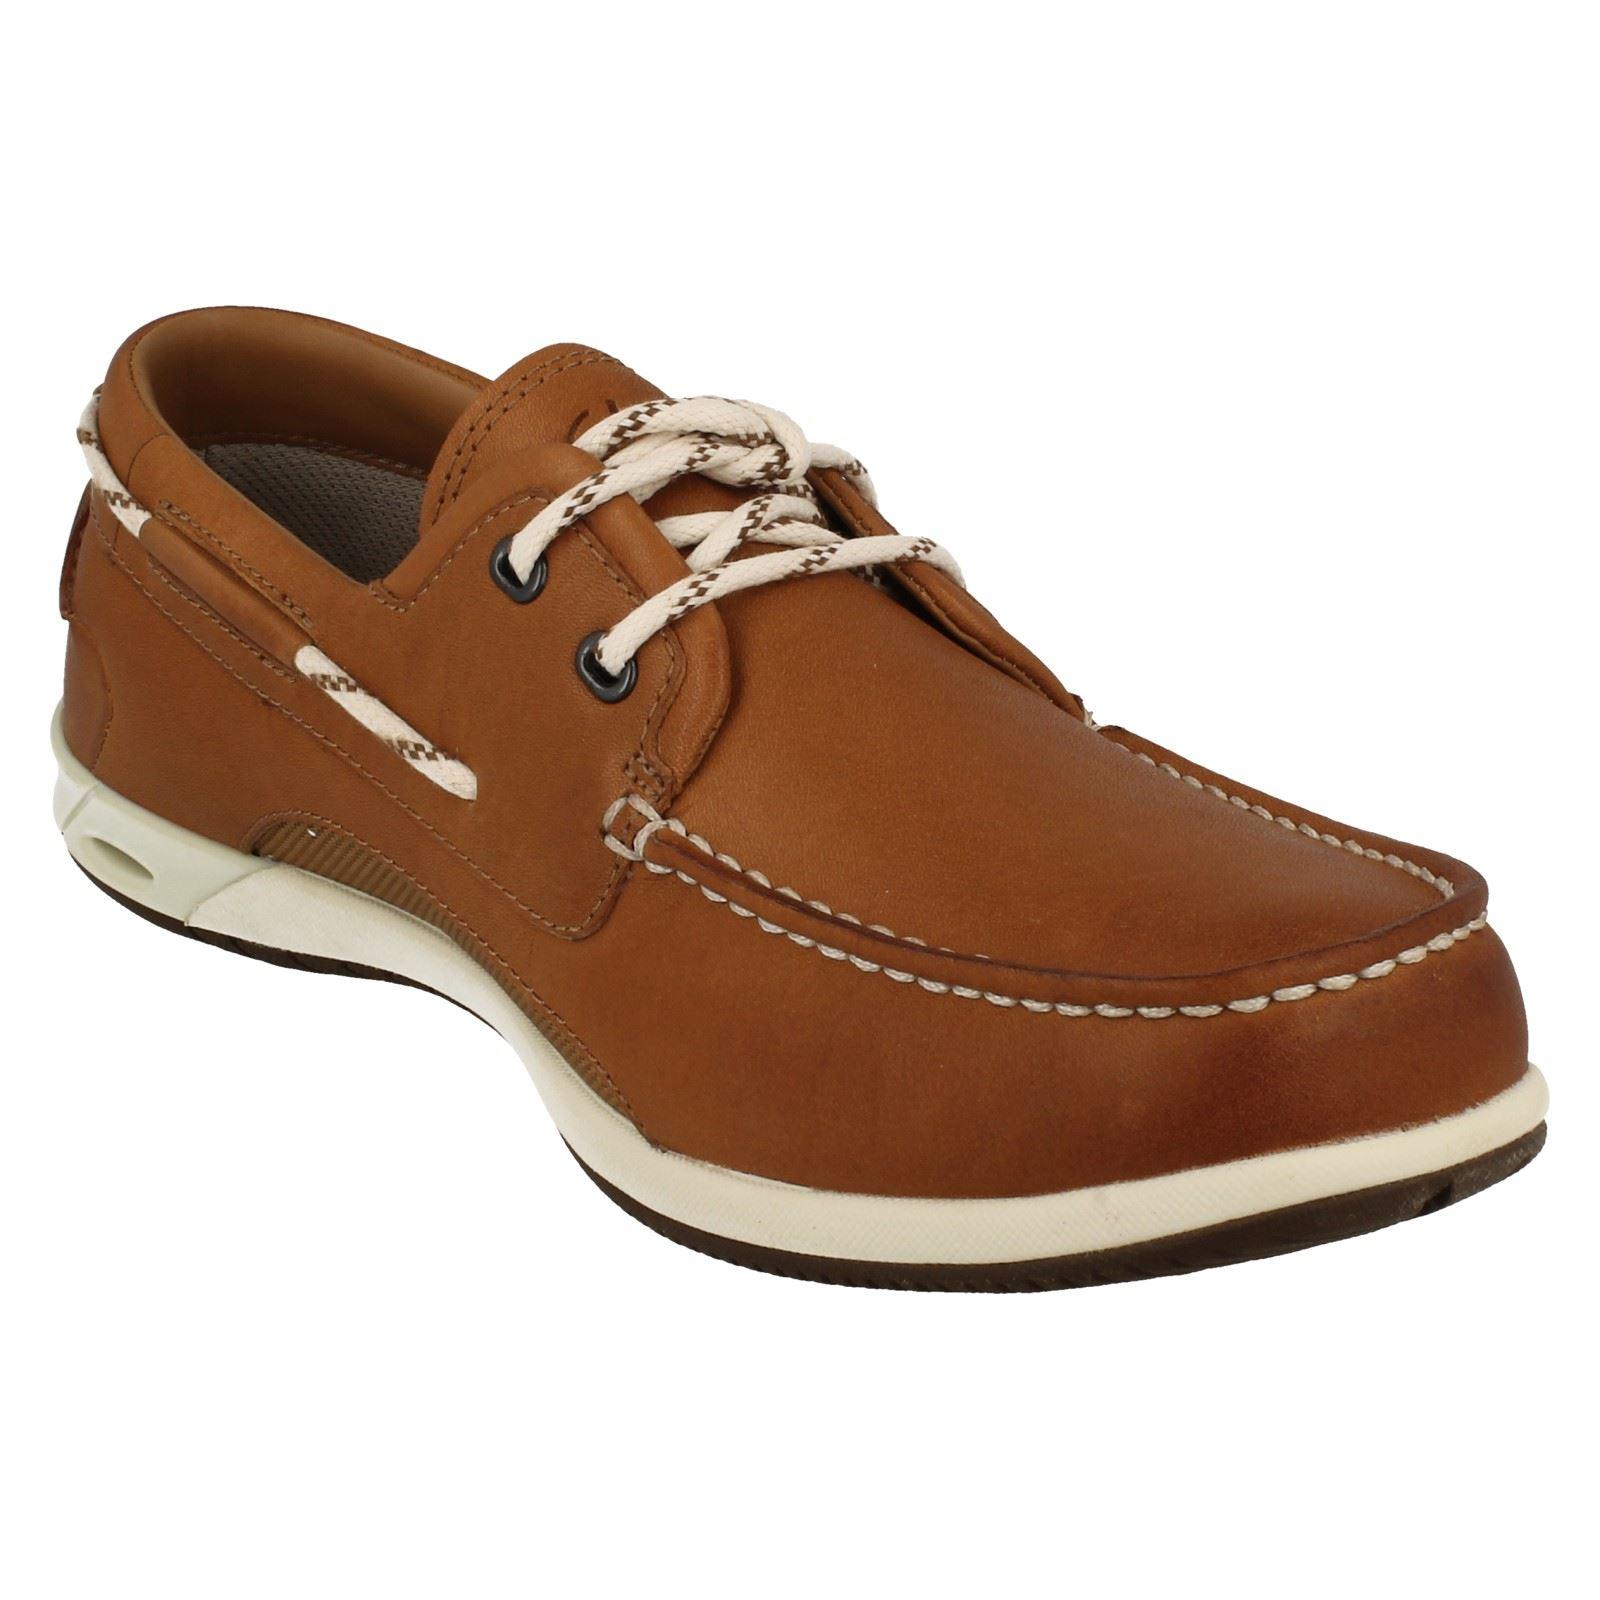 Clarks Shoes Deck Shoes